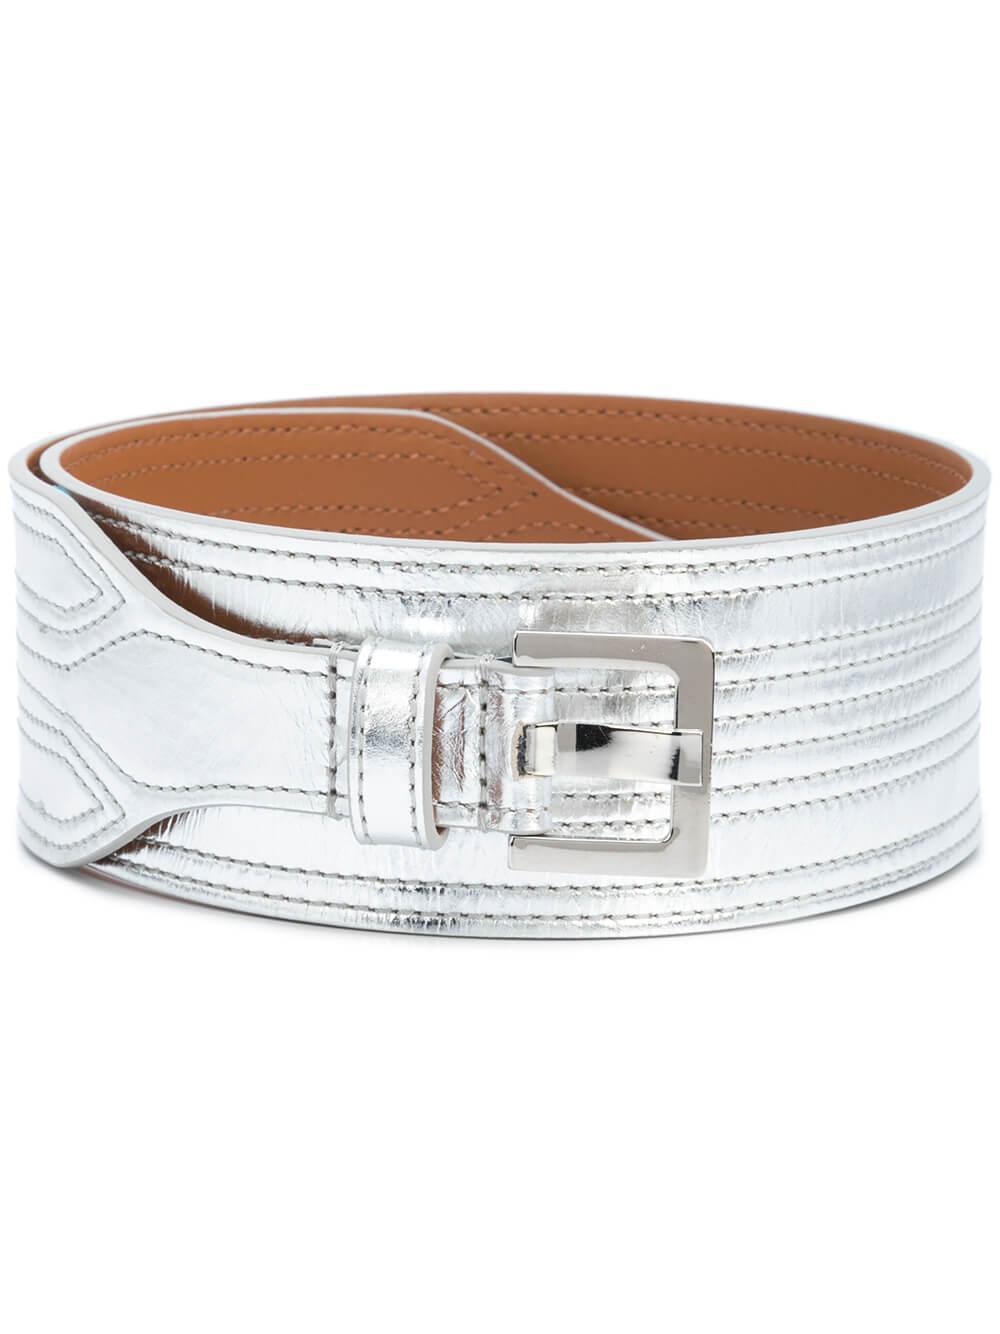 Kiara Belt Item # B200204ML